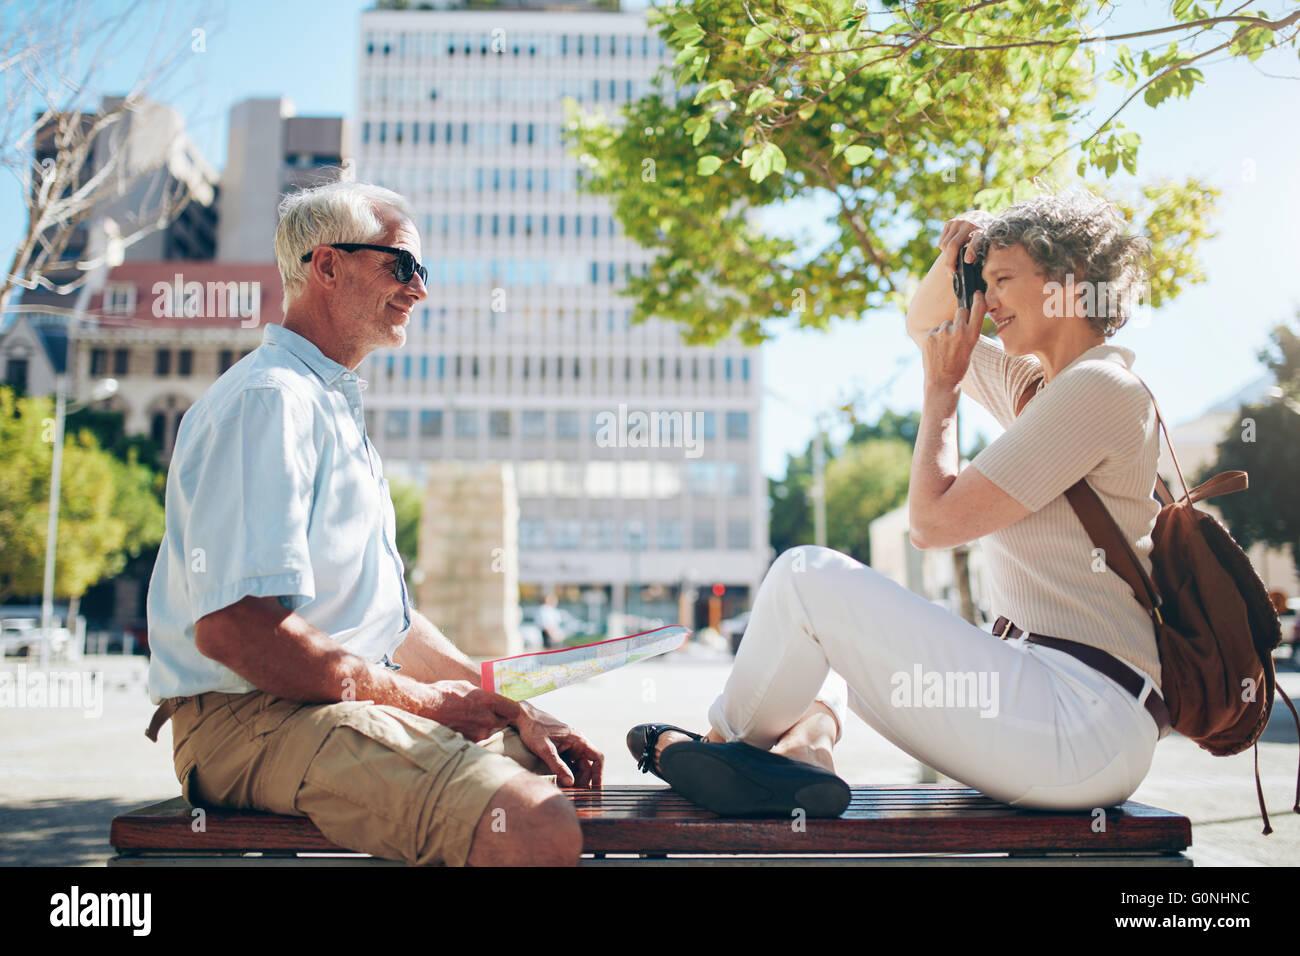 Seitenansicht der ältere Mann sitzen draußen auf einer Bank und Frau, die seine Bilder mit Digitalkamera. Stockbild